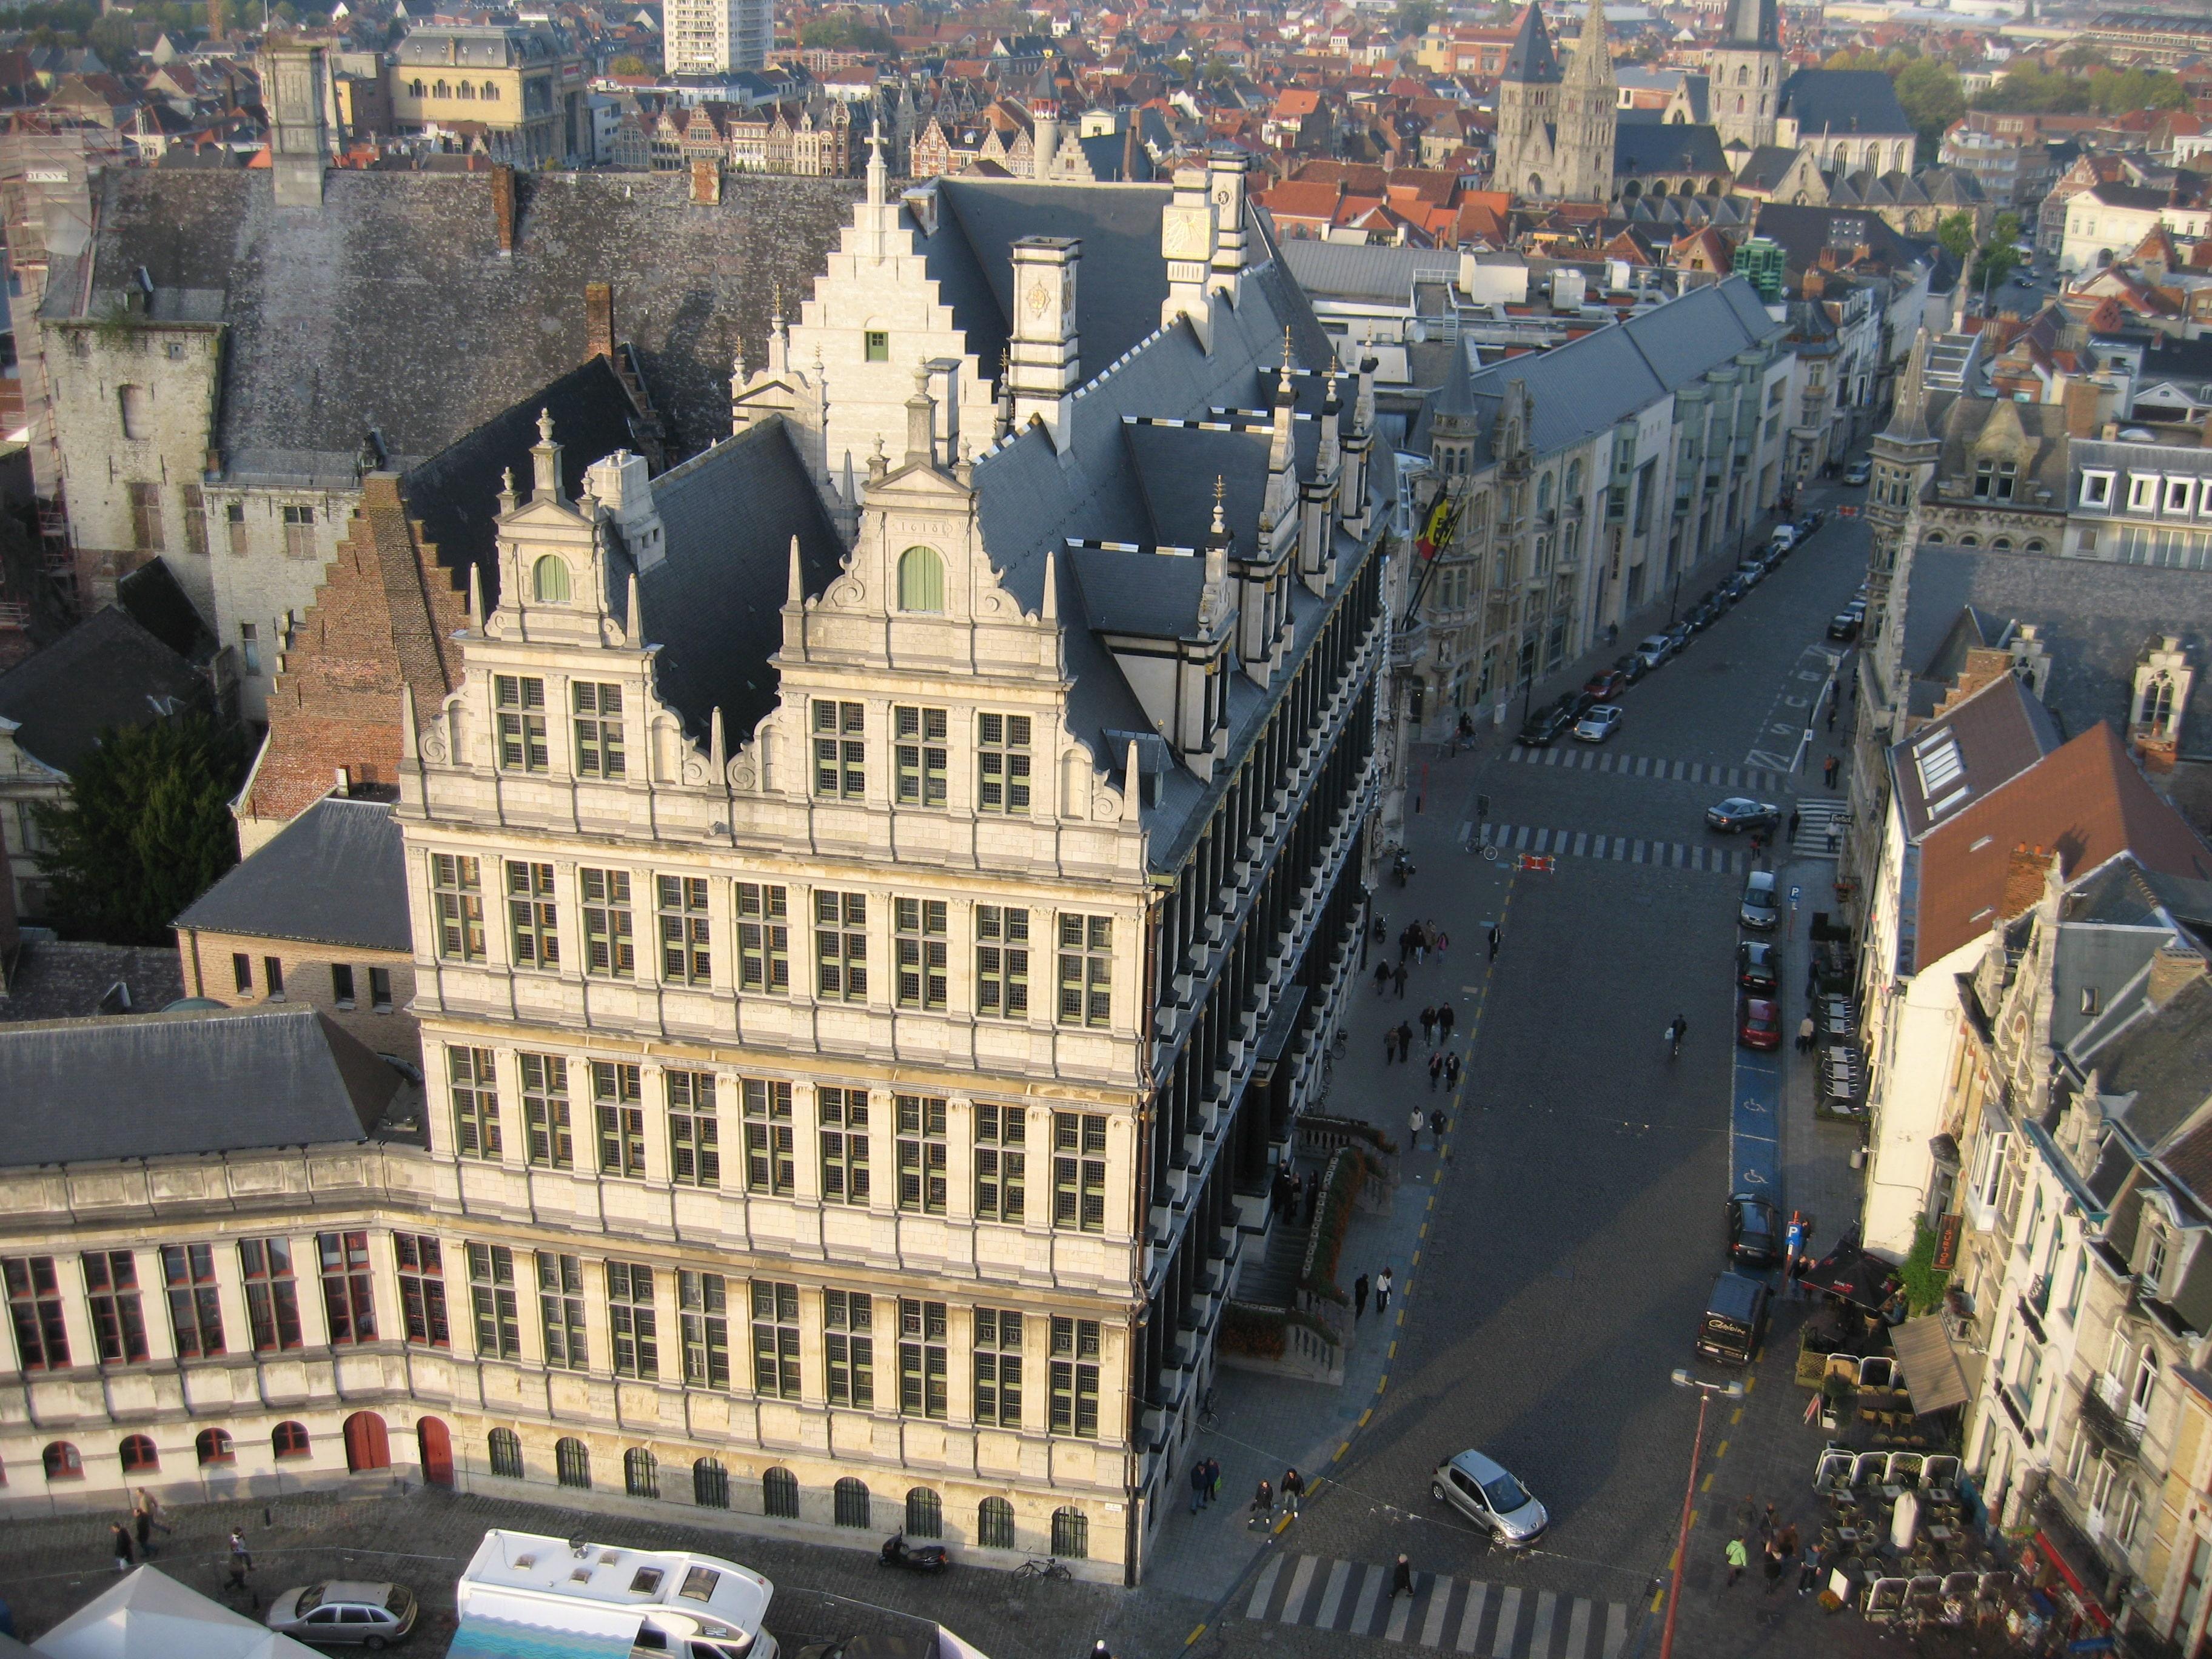 Orașul este împânzit de clădiri istorice